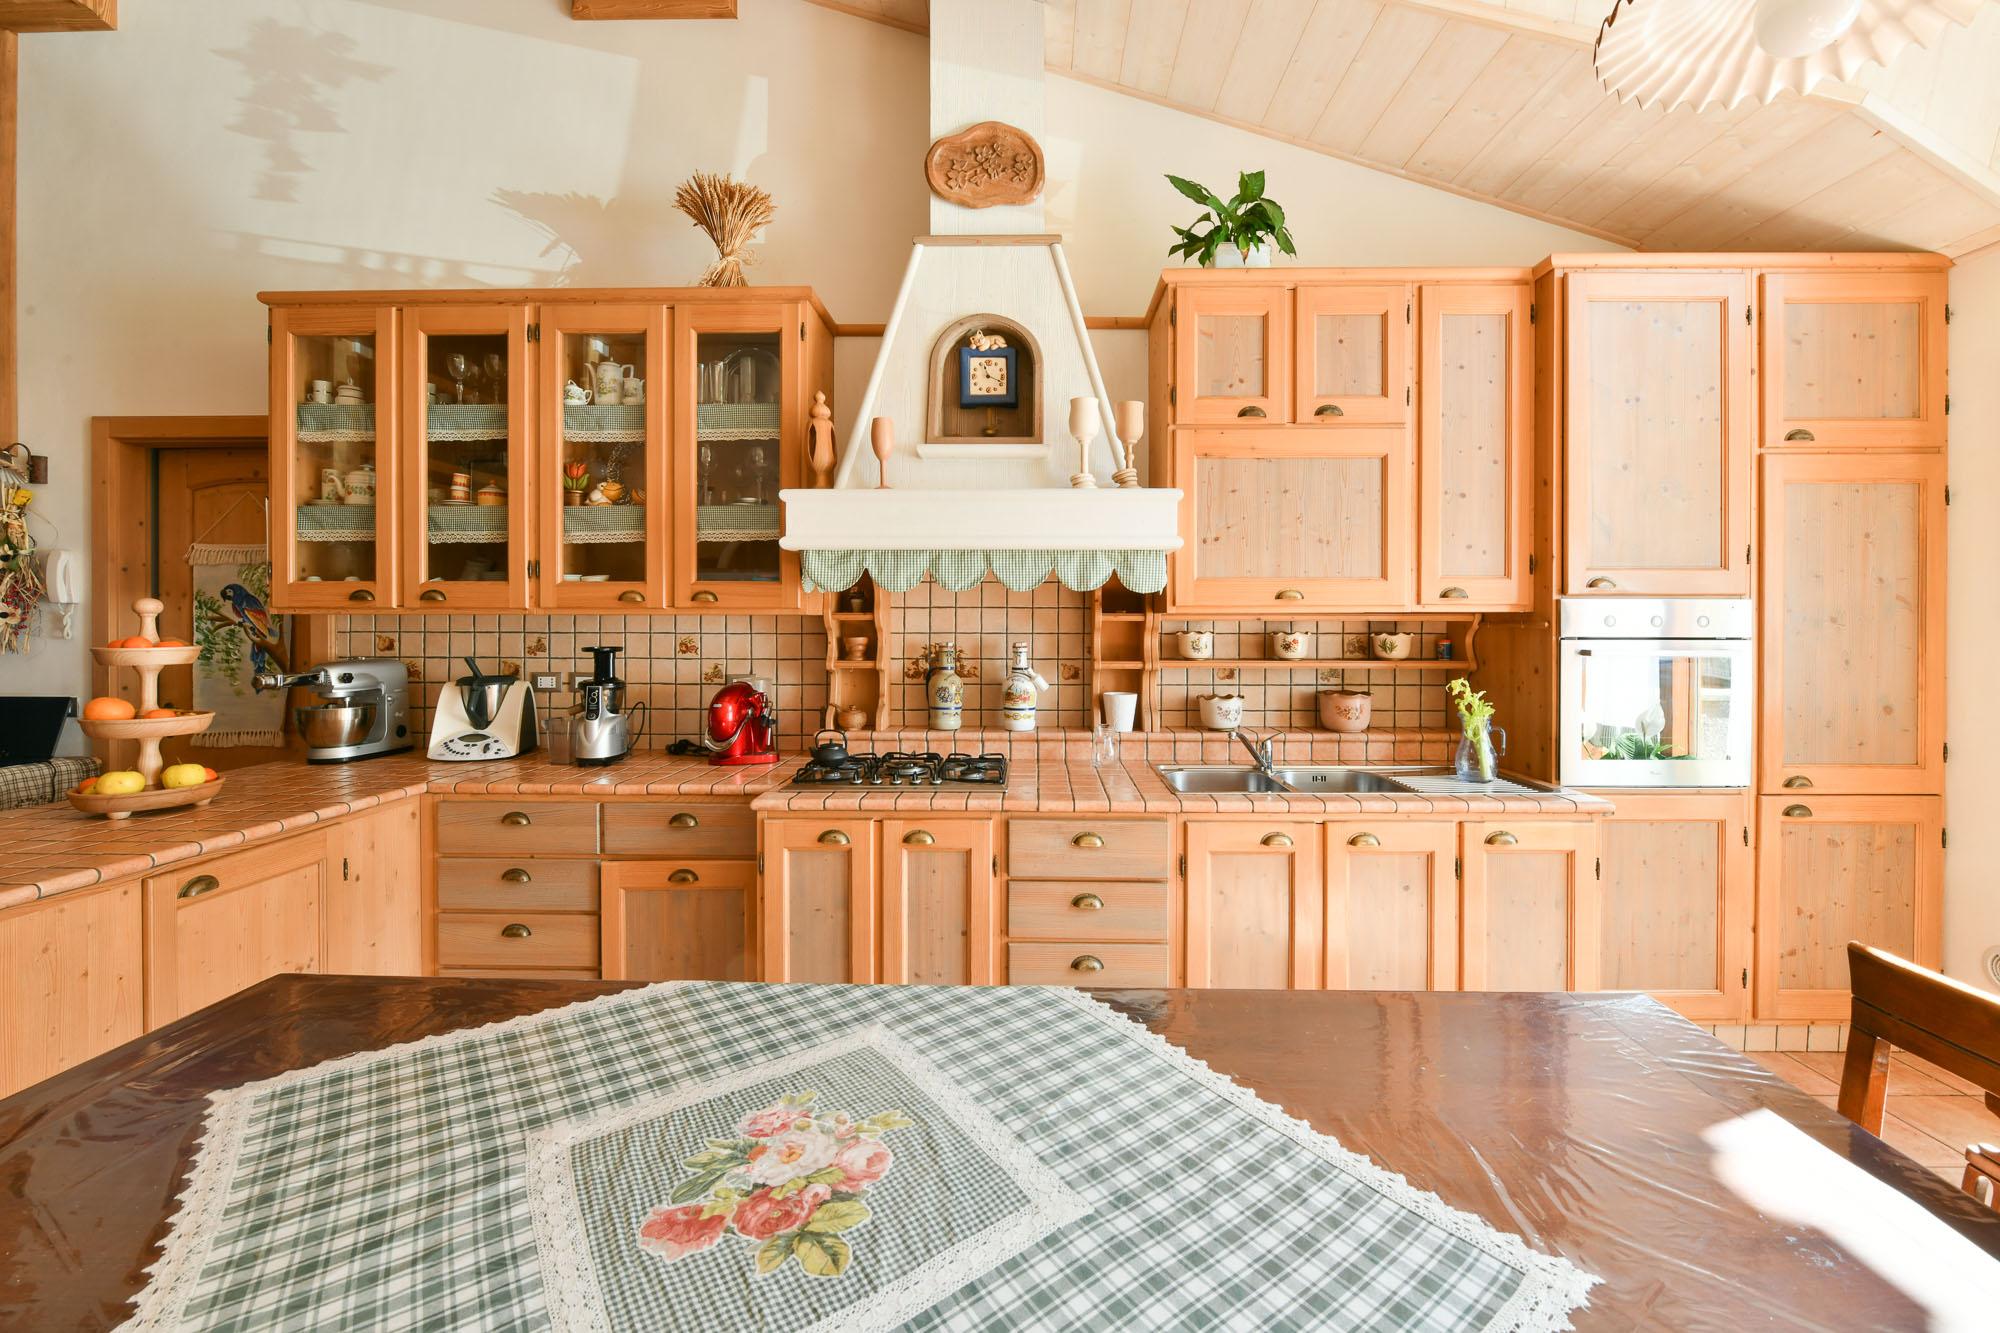 Migliori Cucine Economiche. Cucine In Muratura Moderne Con Isola I ...